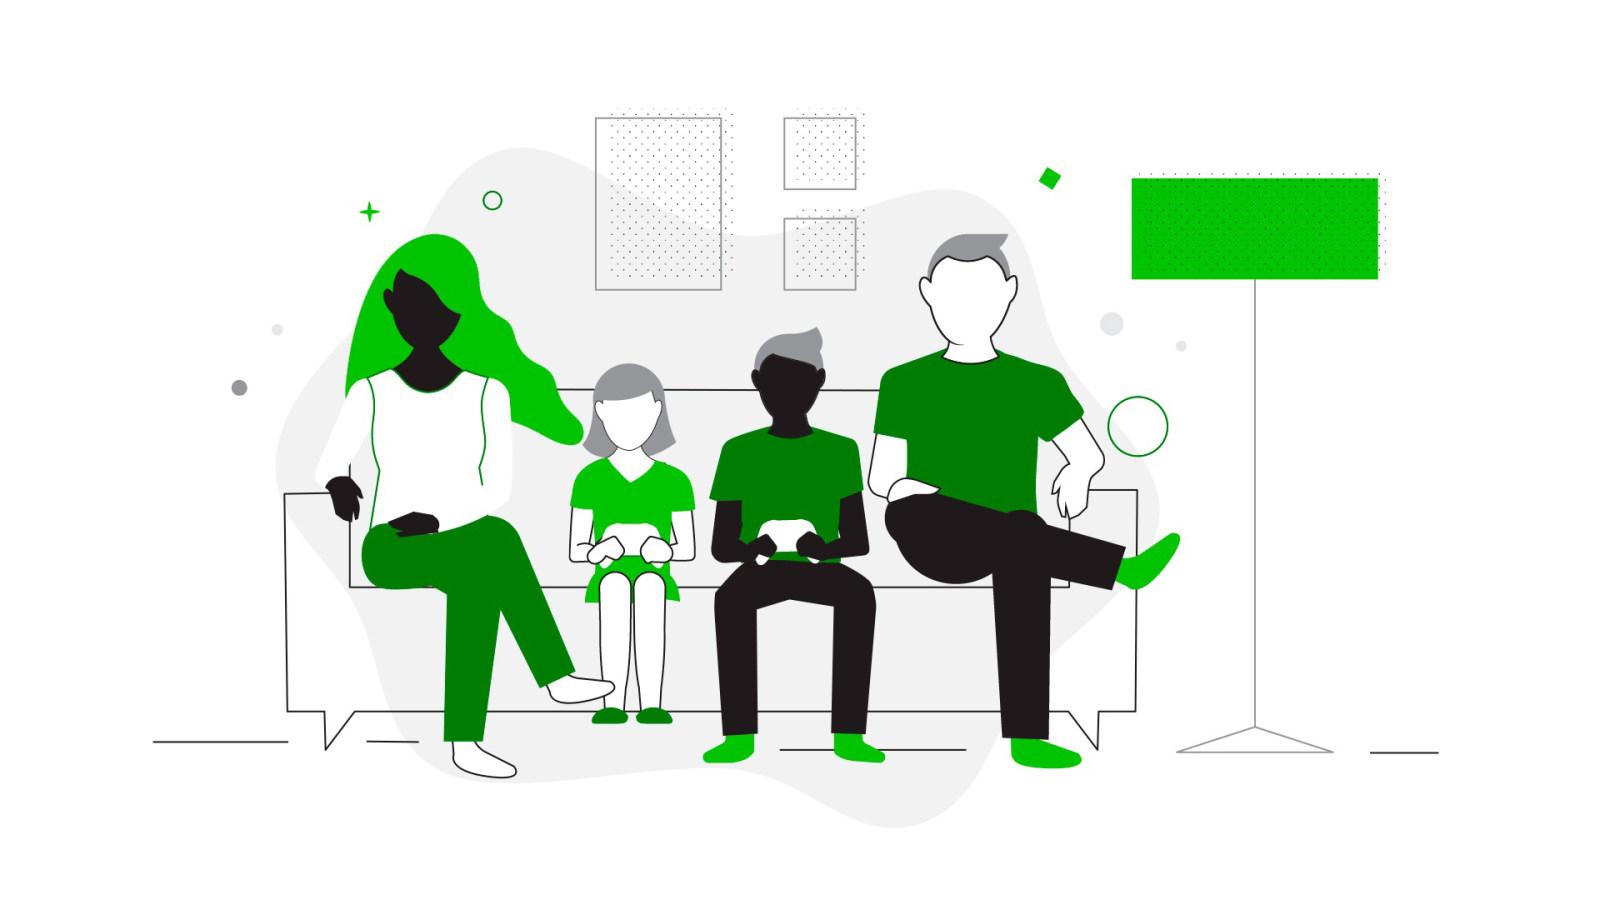 Xbox十月更新发布,增加全新家长控制功能